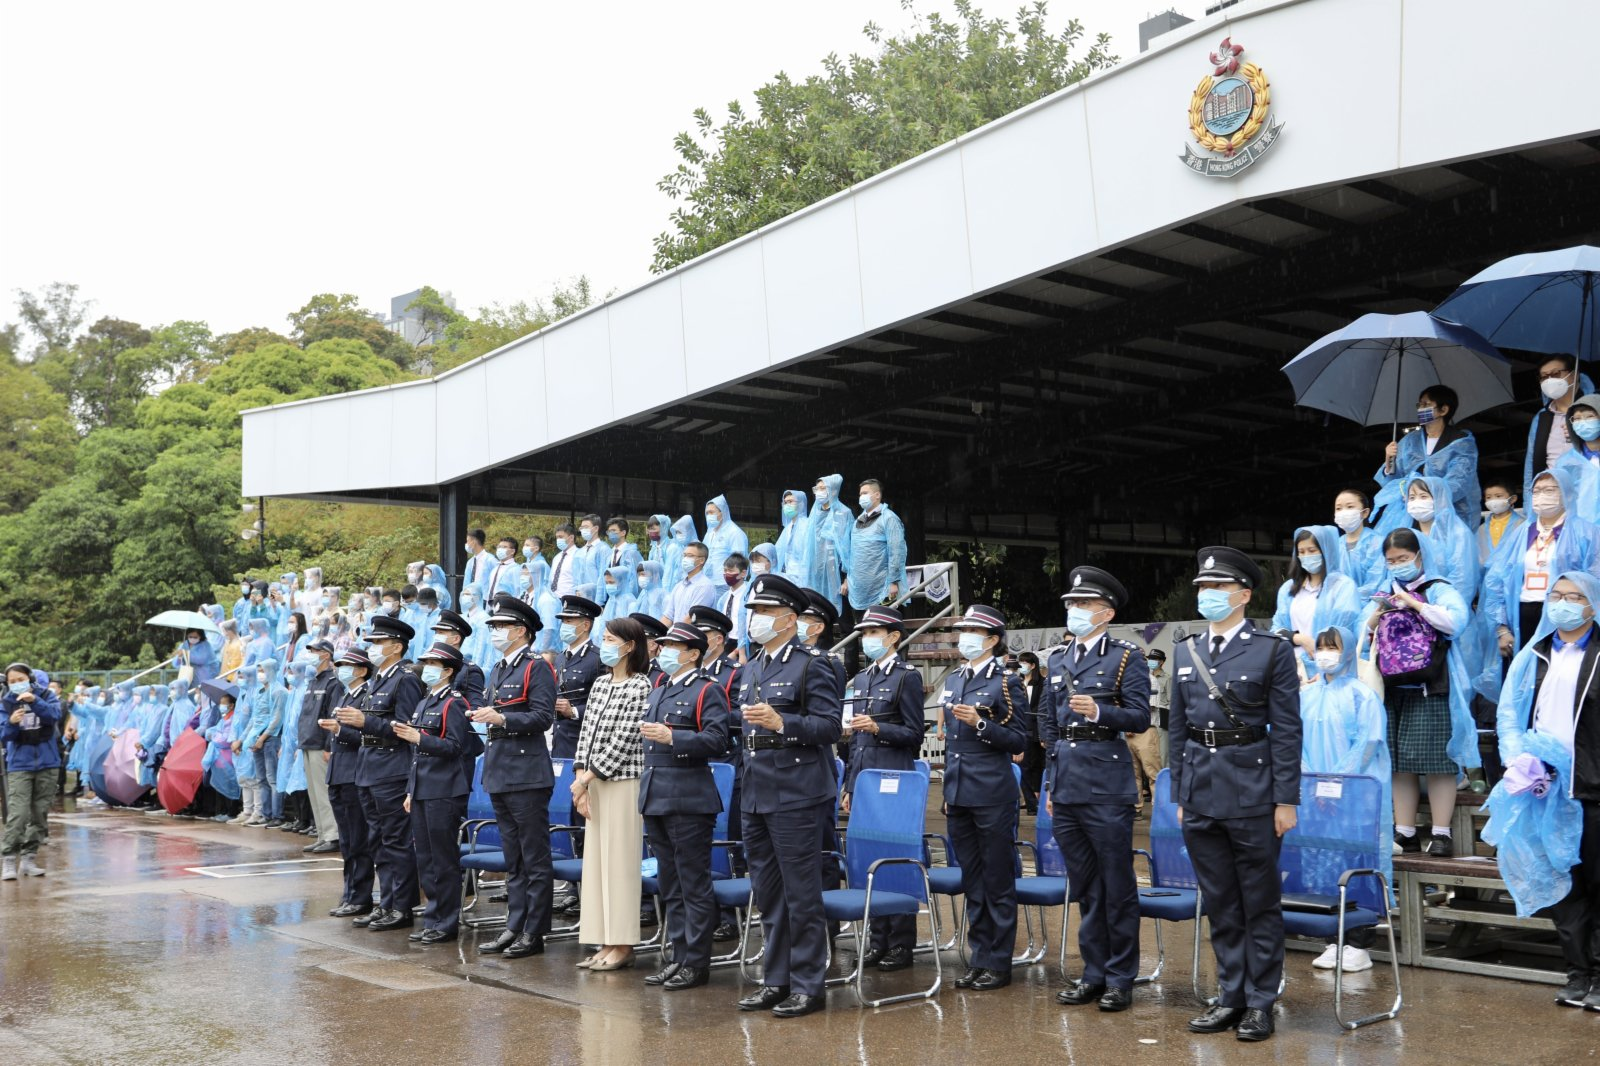 會操表演下午繼續進行,警務處處長鄧炳強出席。(點新聞記者李斯哲攝)